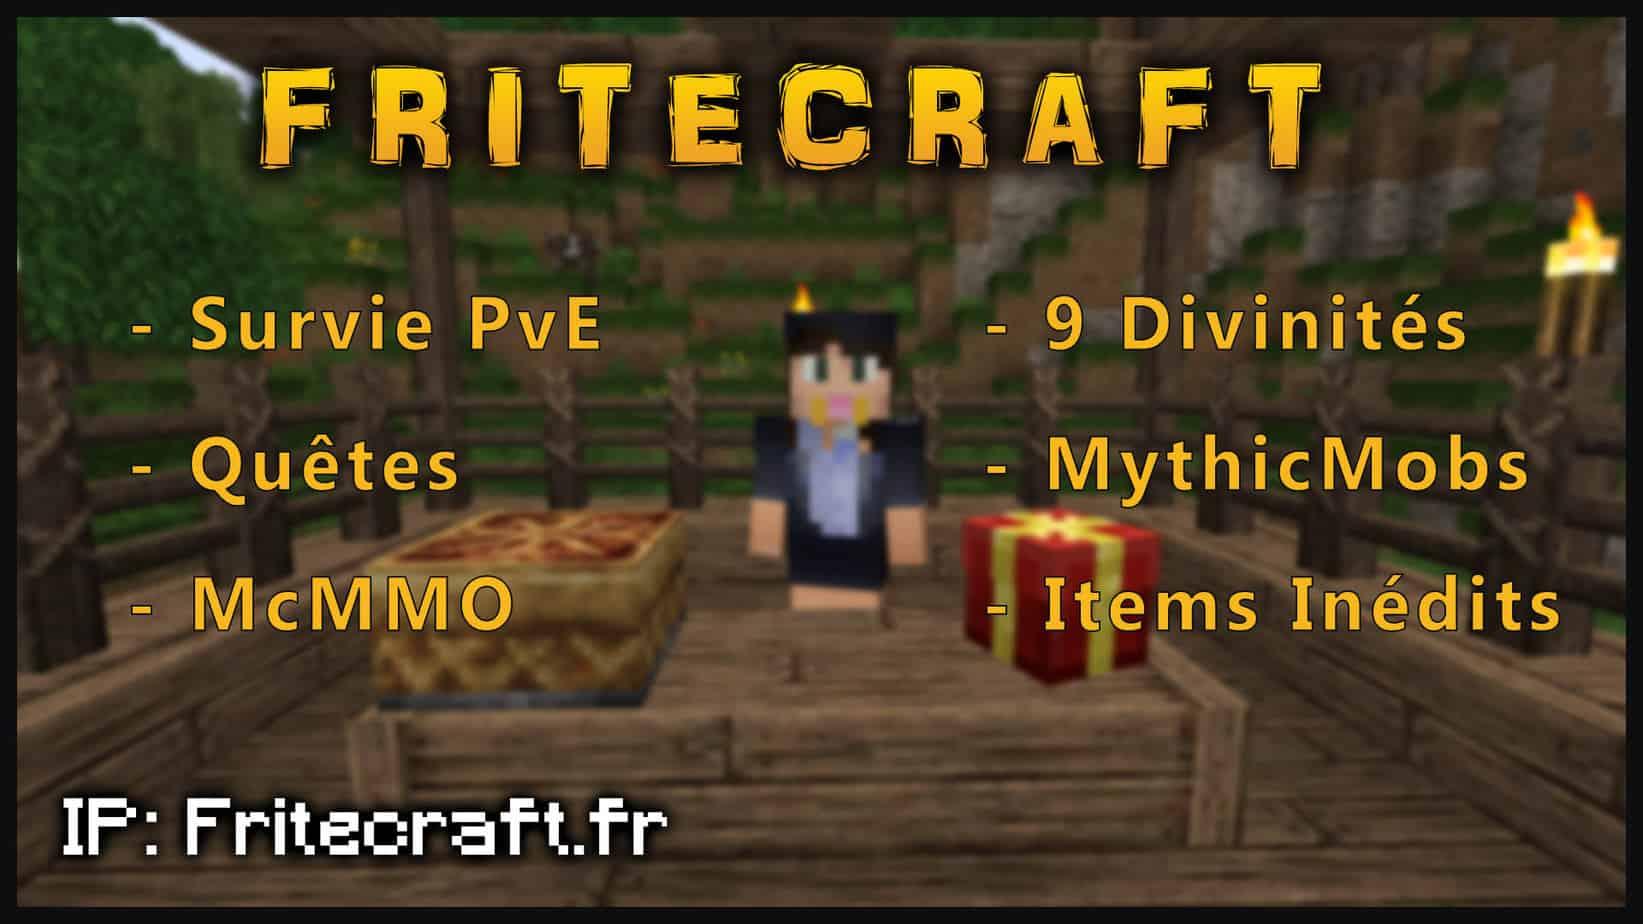 Serveur Minecraft Fritecraft